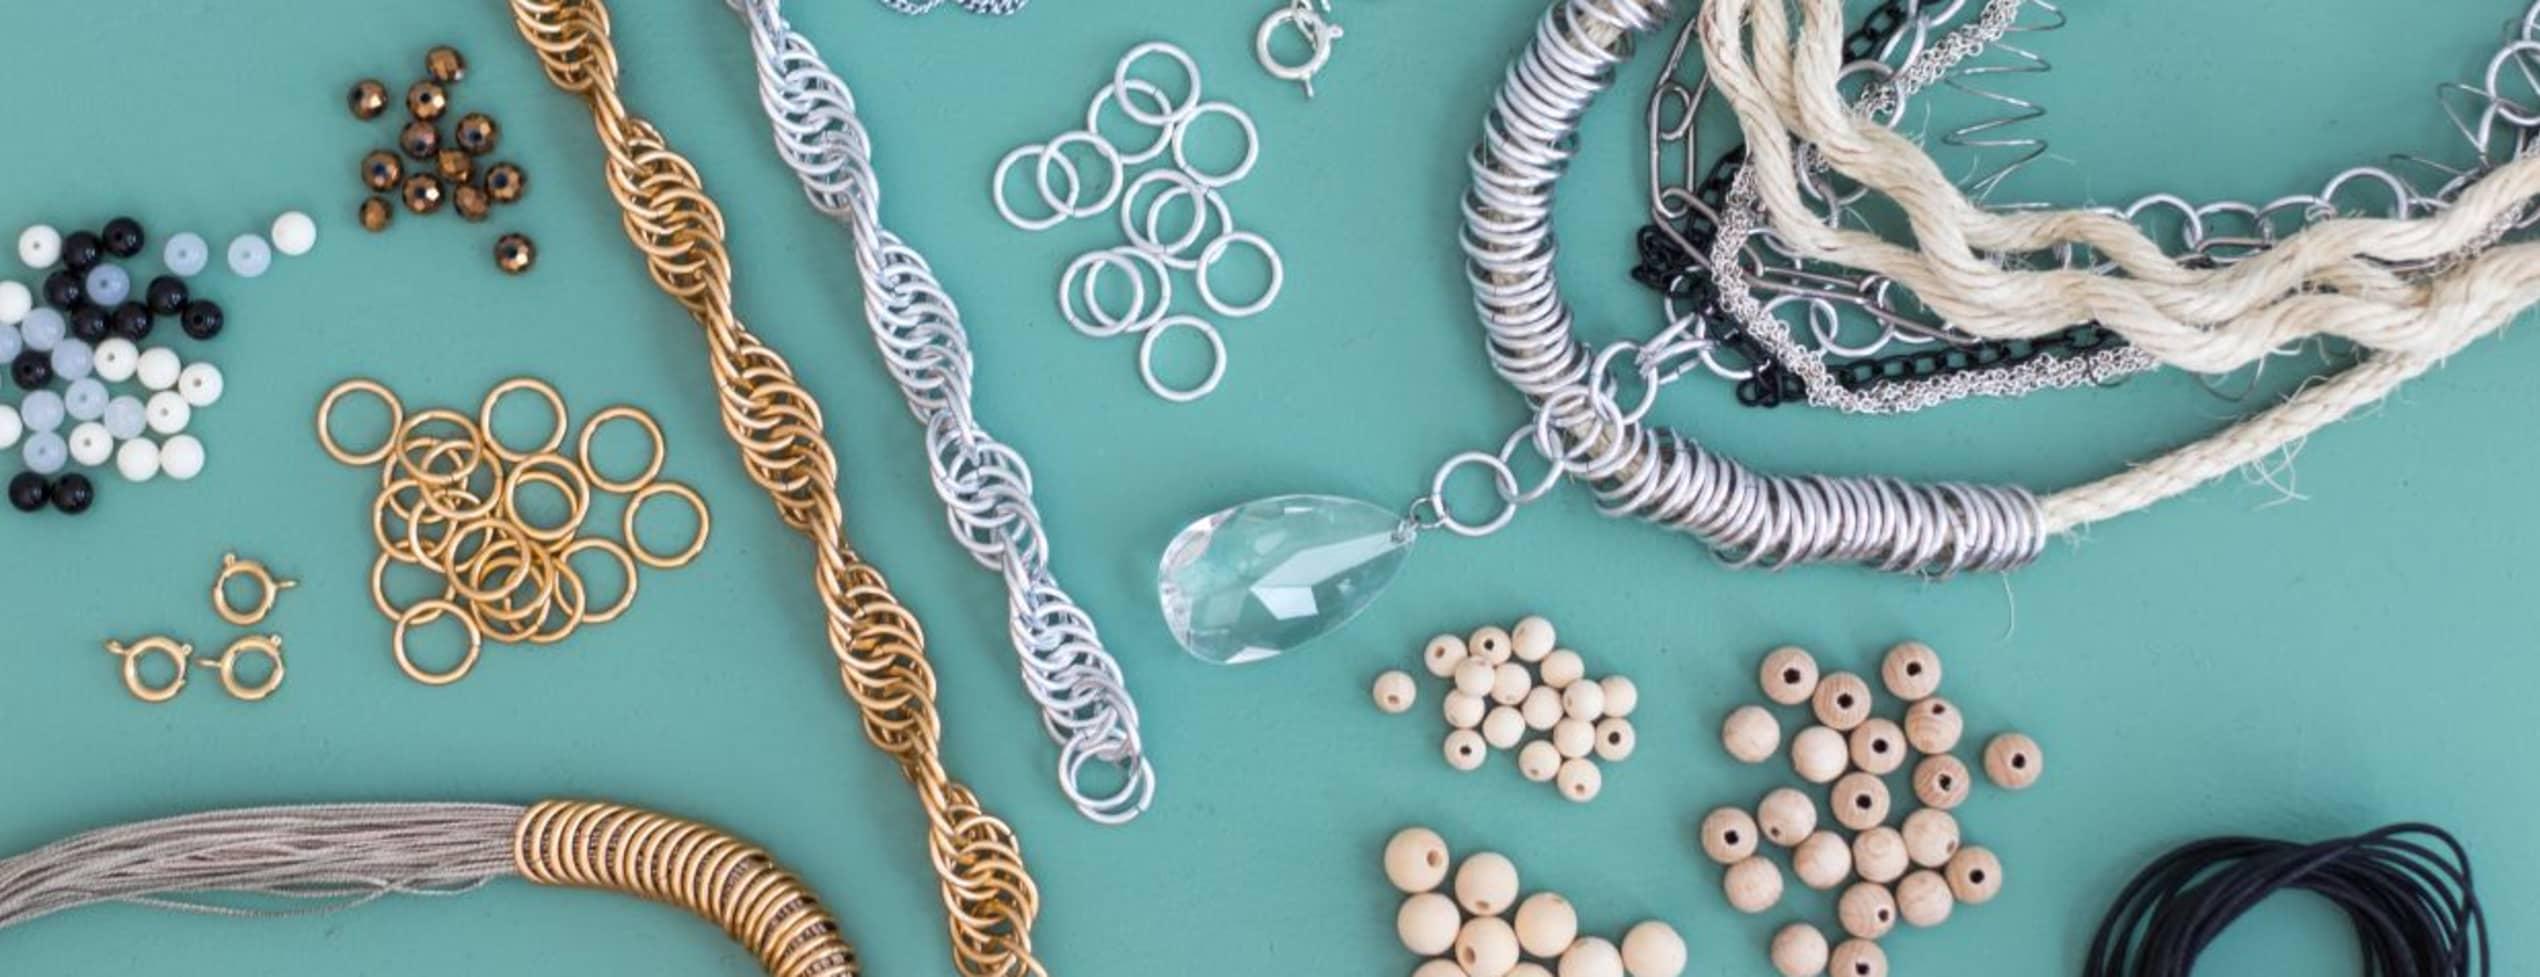 Gör egna kreativa och personliga smycken